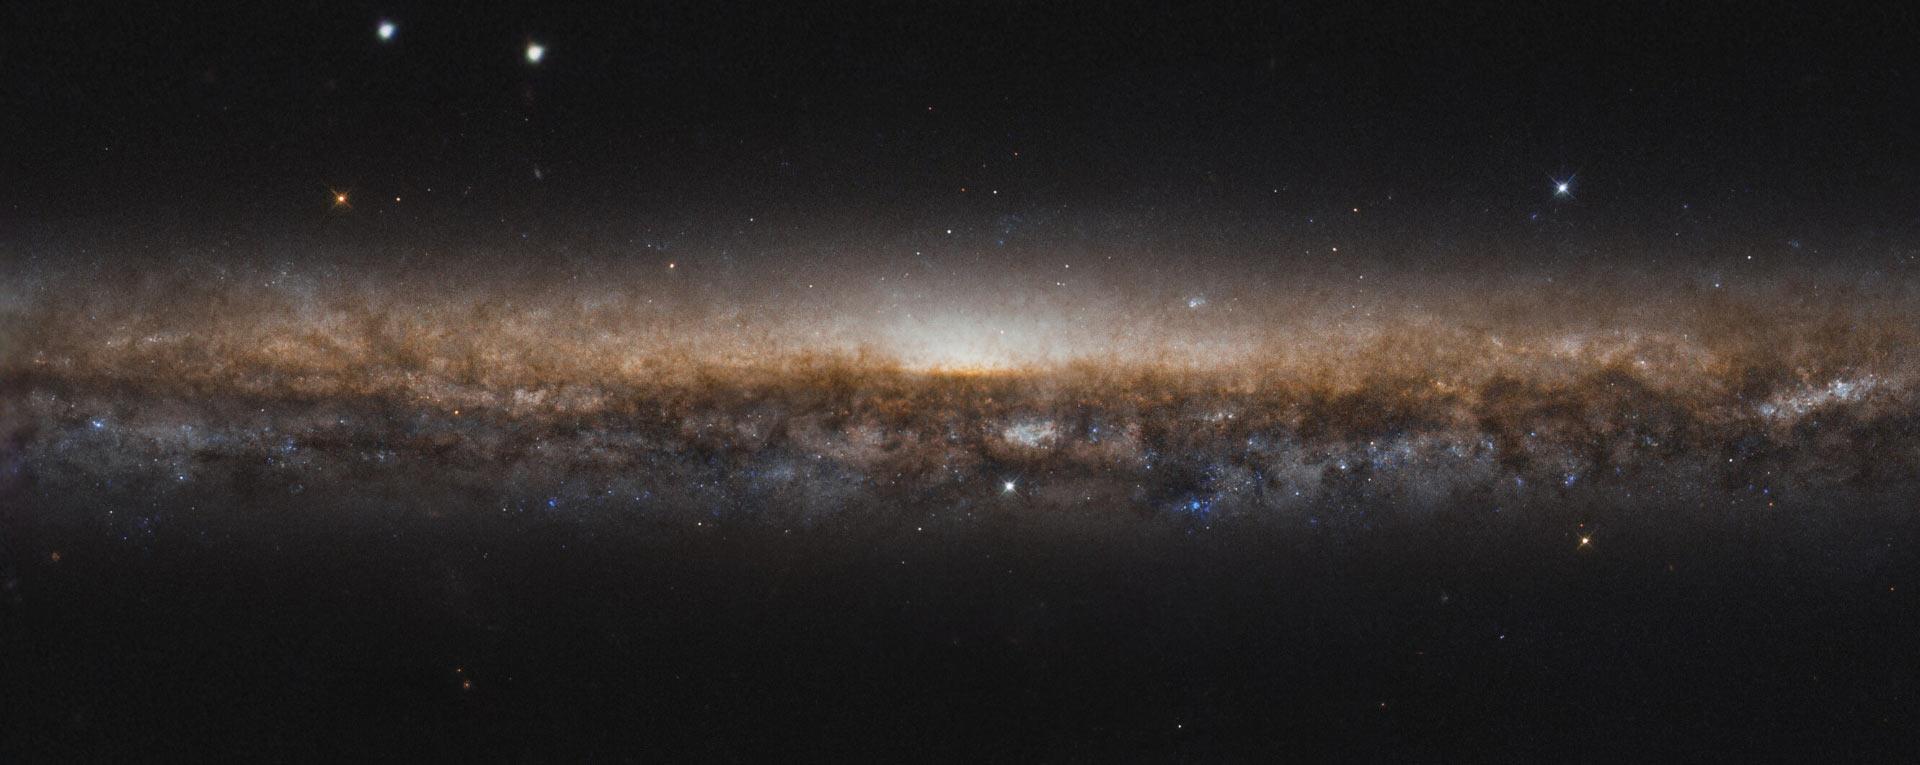 NGC 5907 gefotografeerd door de Hubble Space Telescope